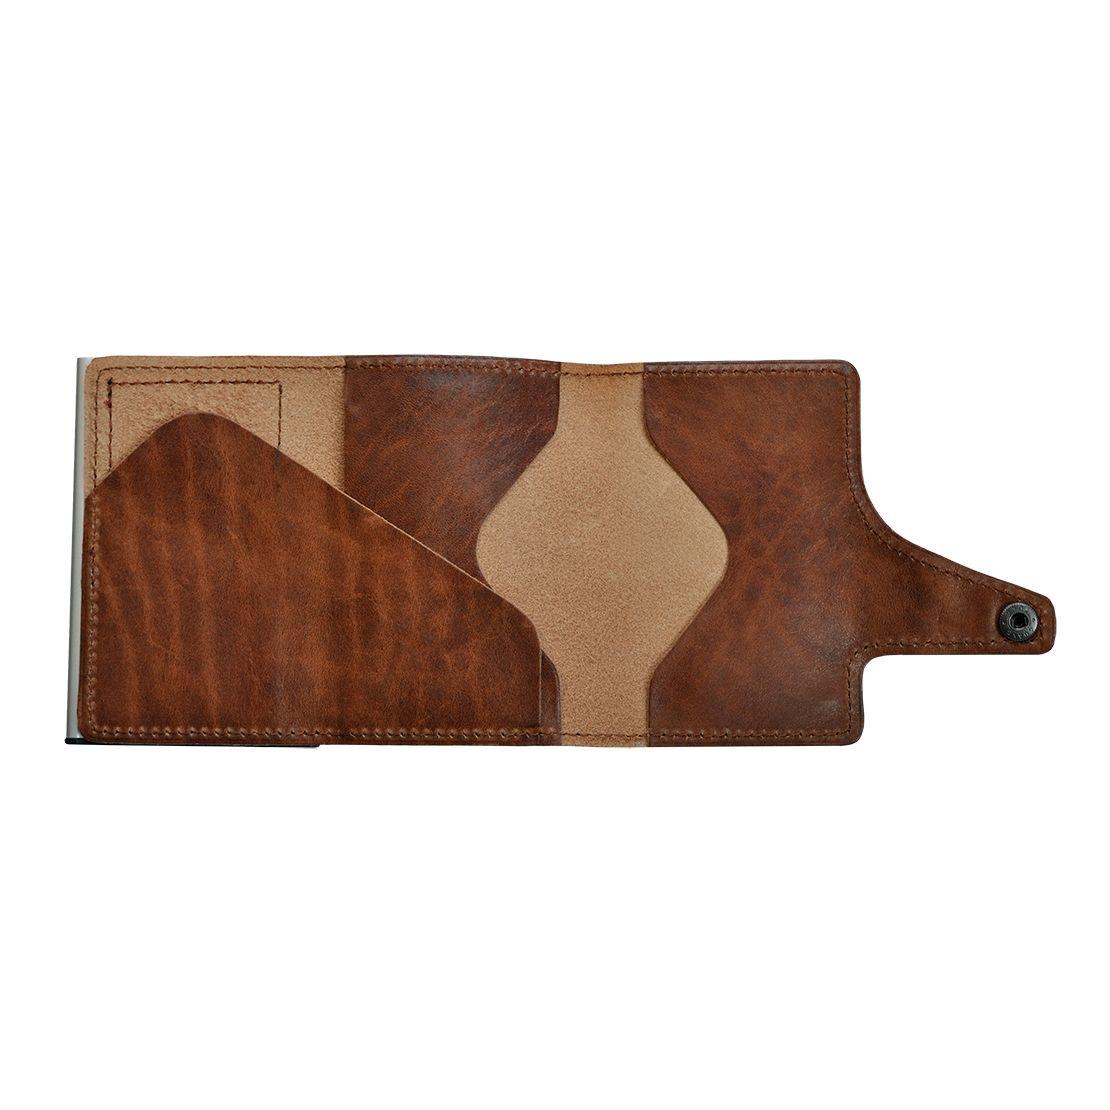 TRU VIRTU Click n Slide Wallet - Natural Brown